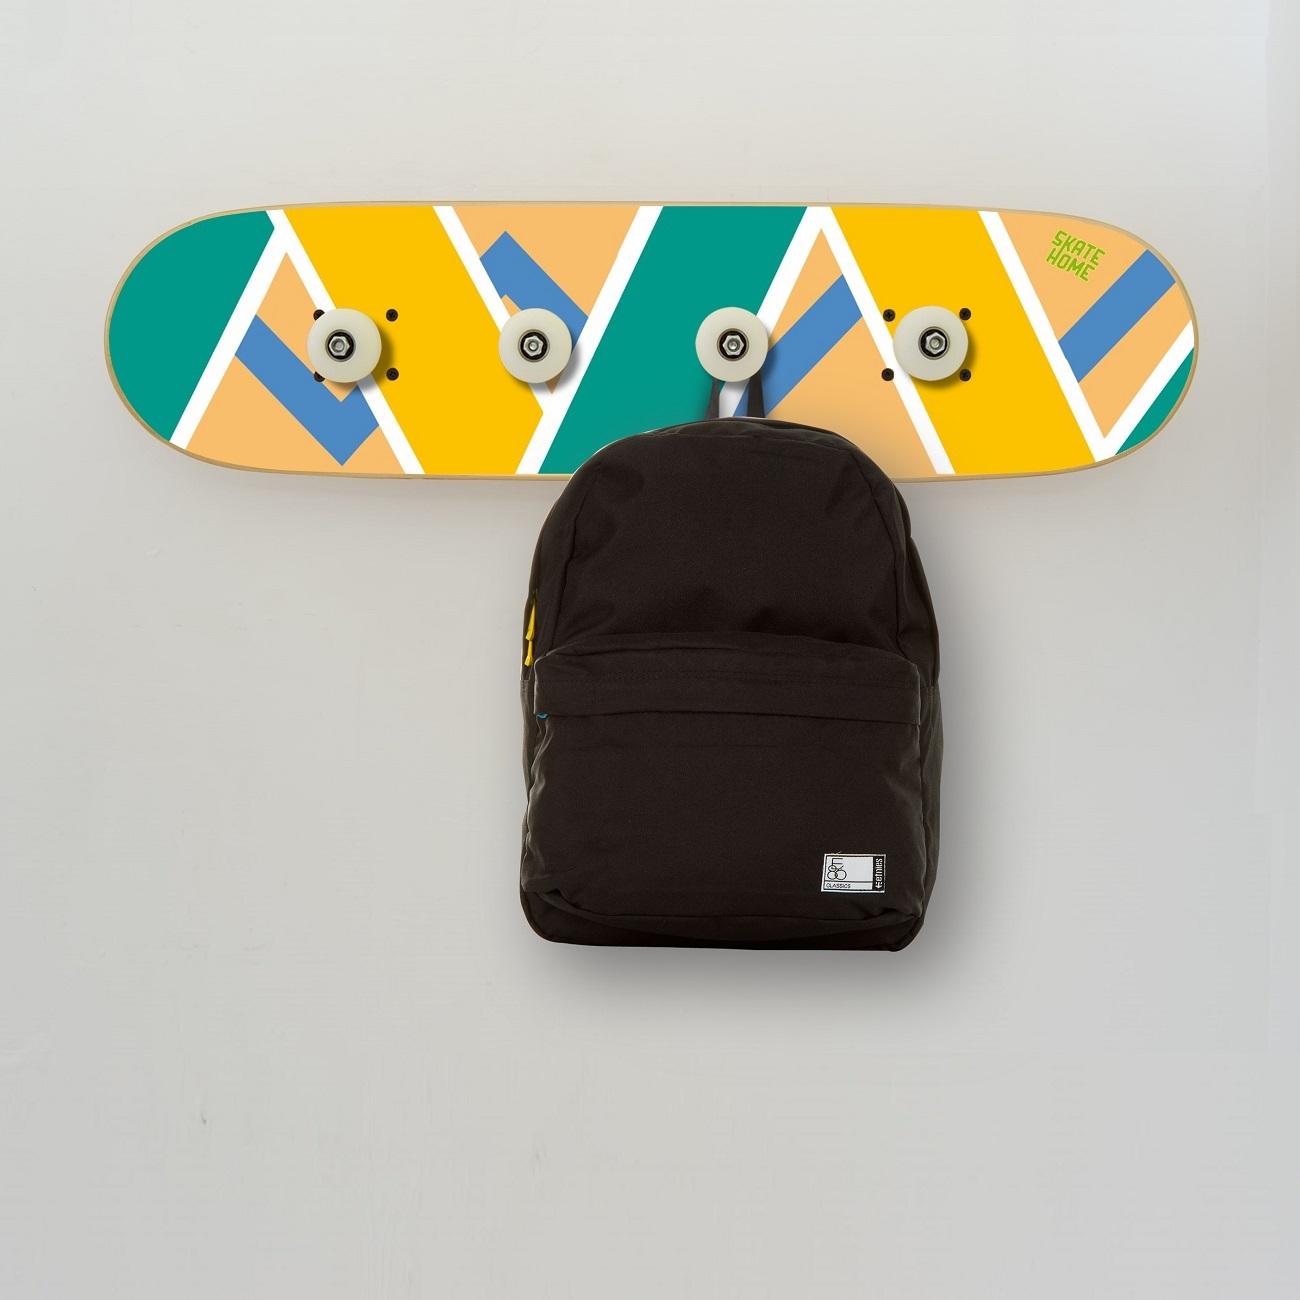 skateboard dekoration f r jugendzimmer skateboard garderobe. Black Bedroom Furniture Sets. Home Design Ideas